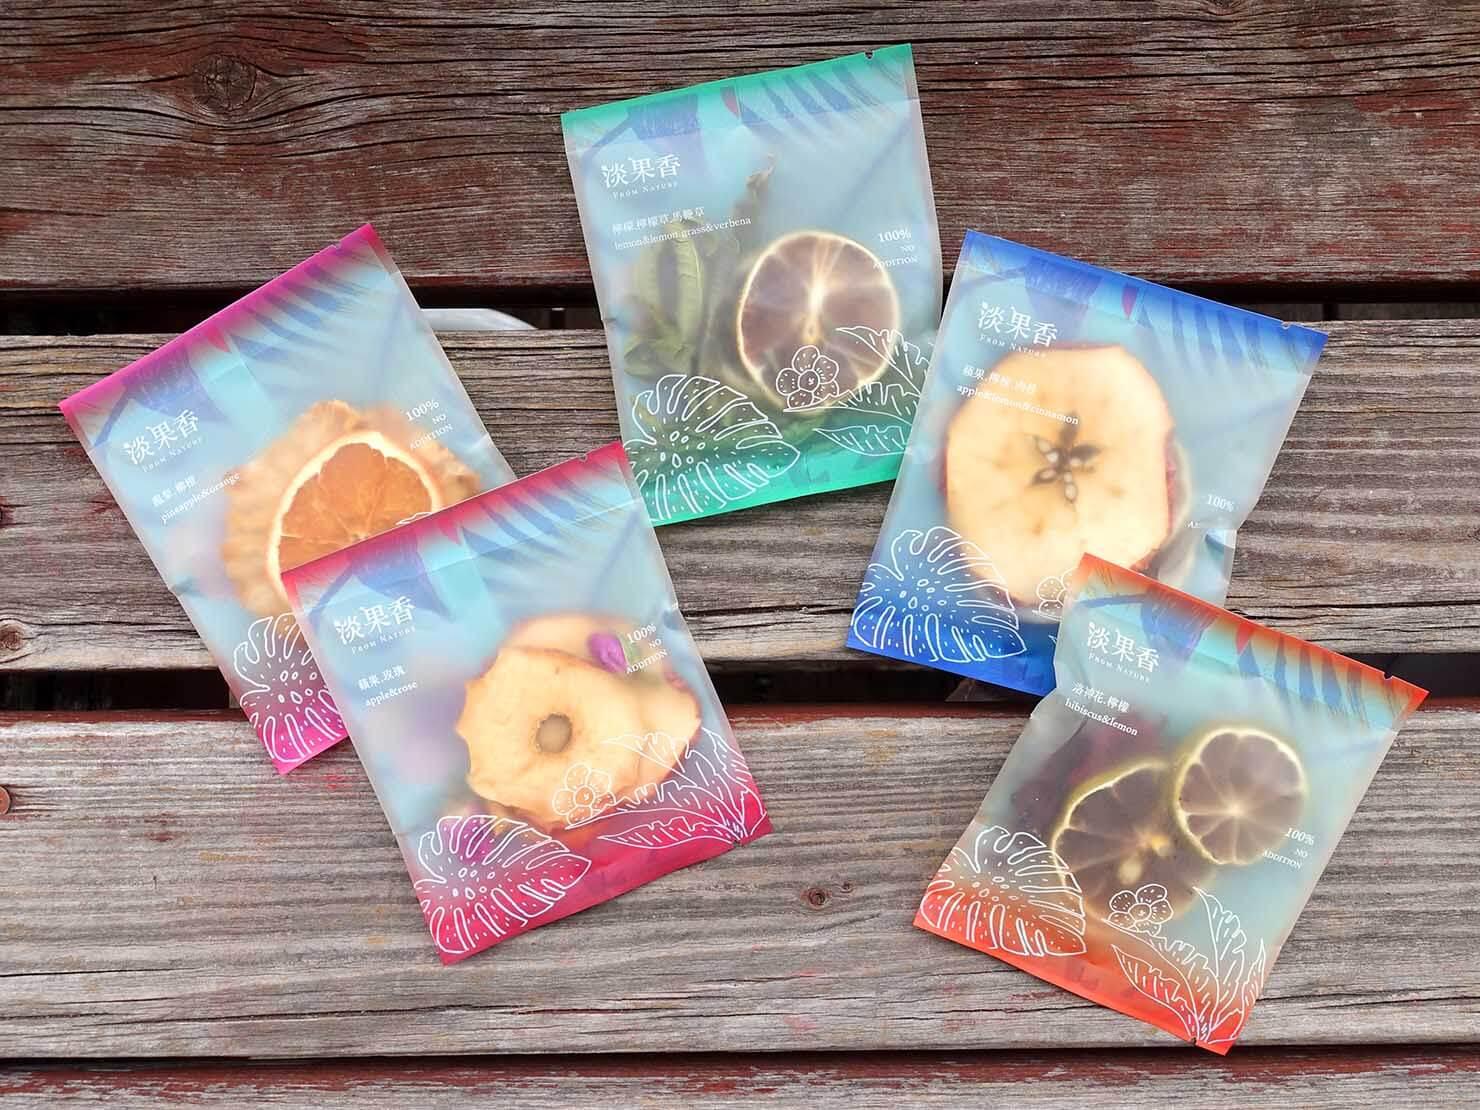 台北・永康街のおすすめおみやげショップ「來好 LAIHAO」で買った淡果香の經典果乾組